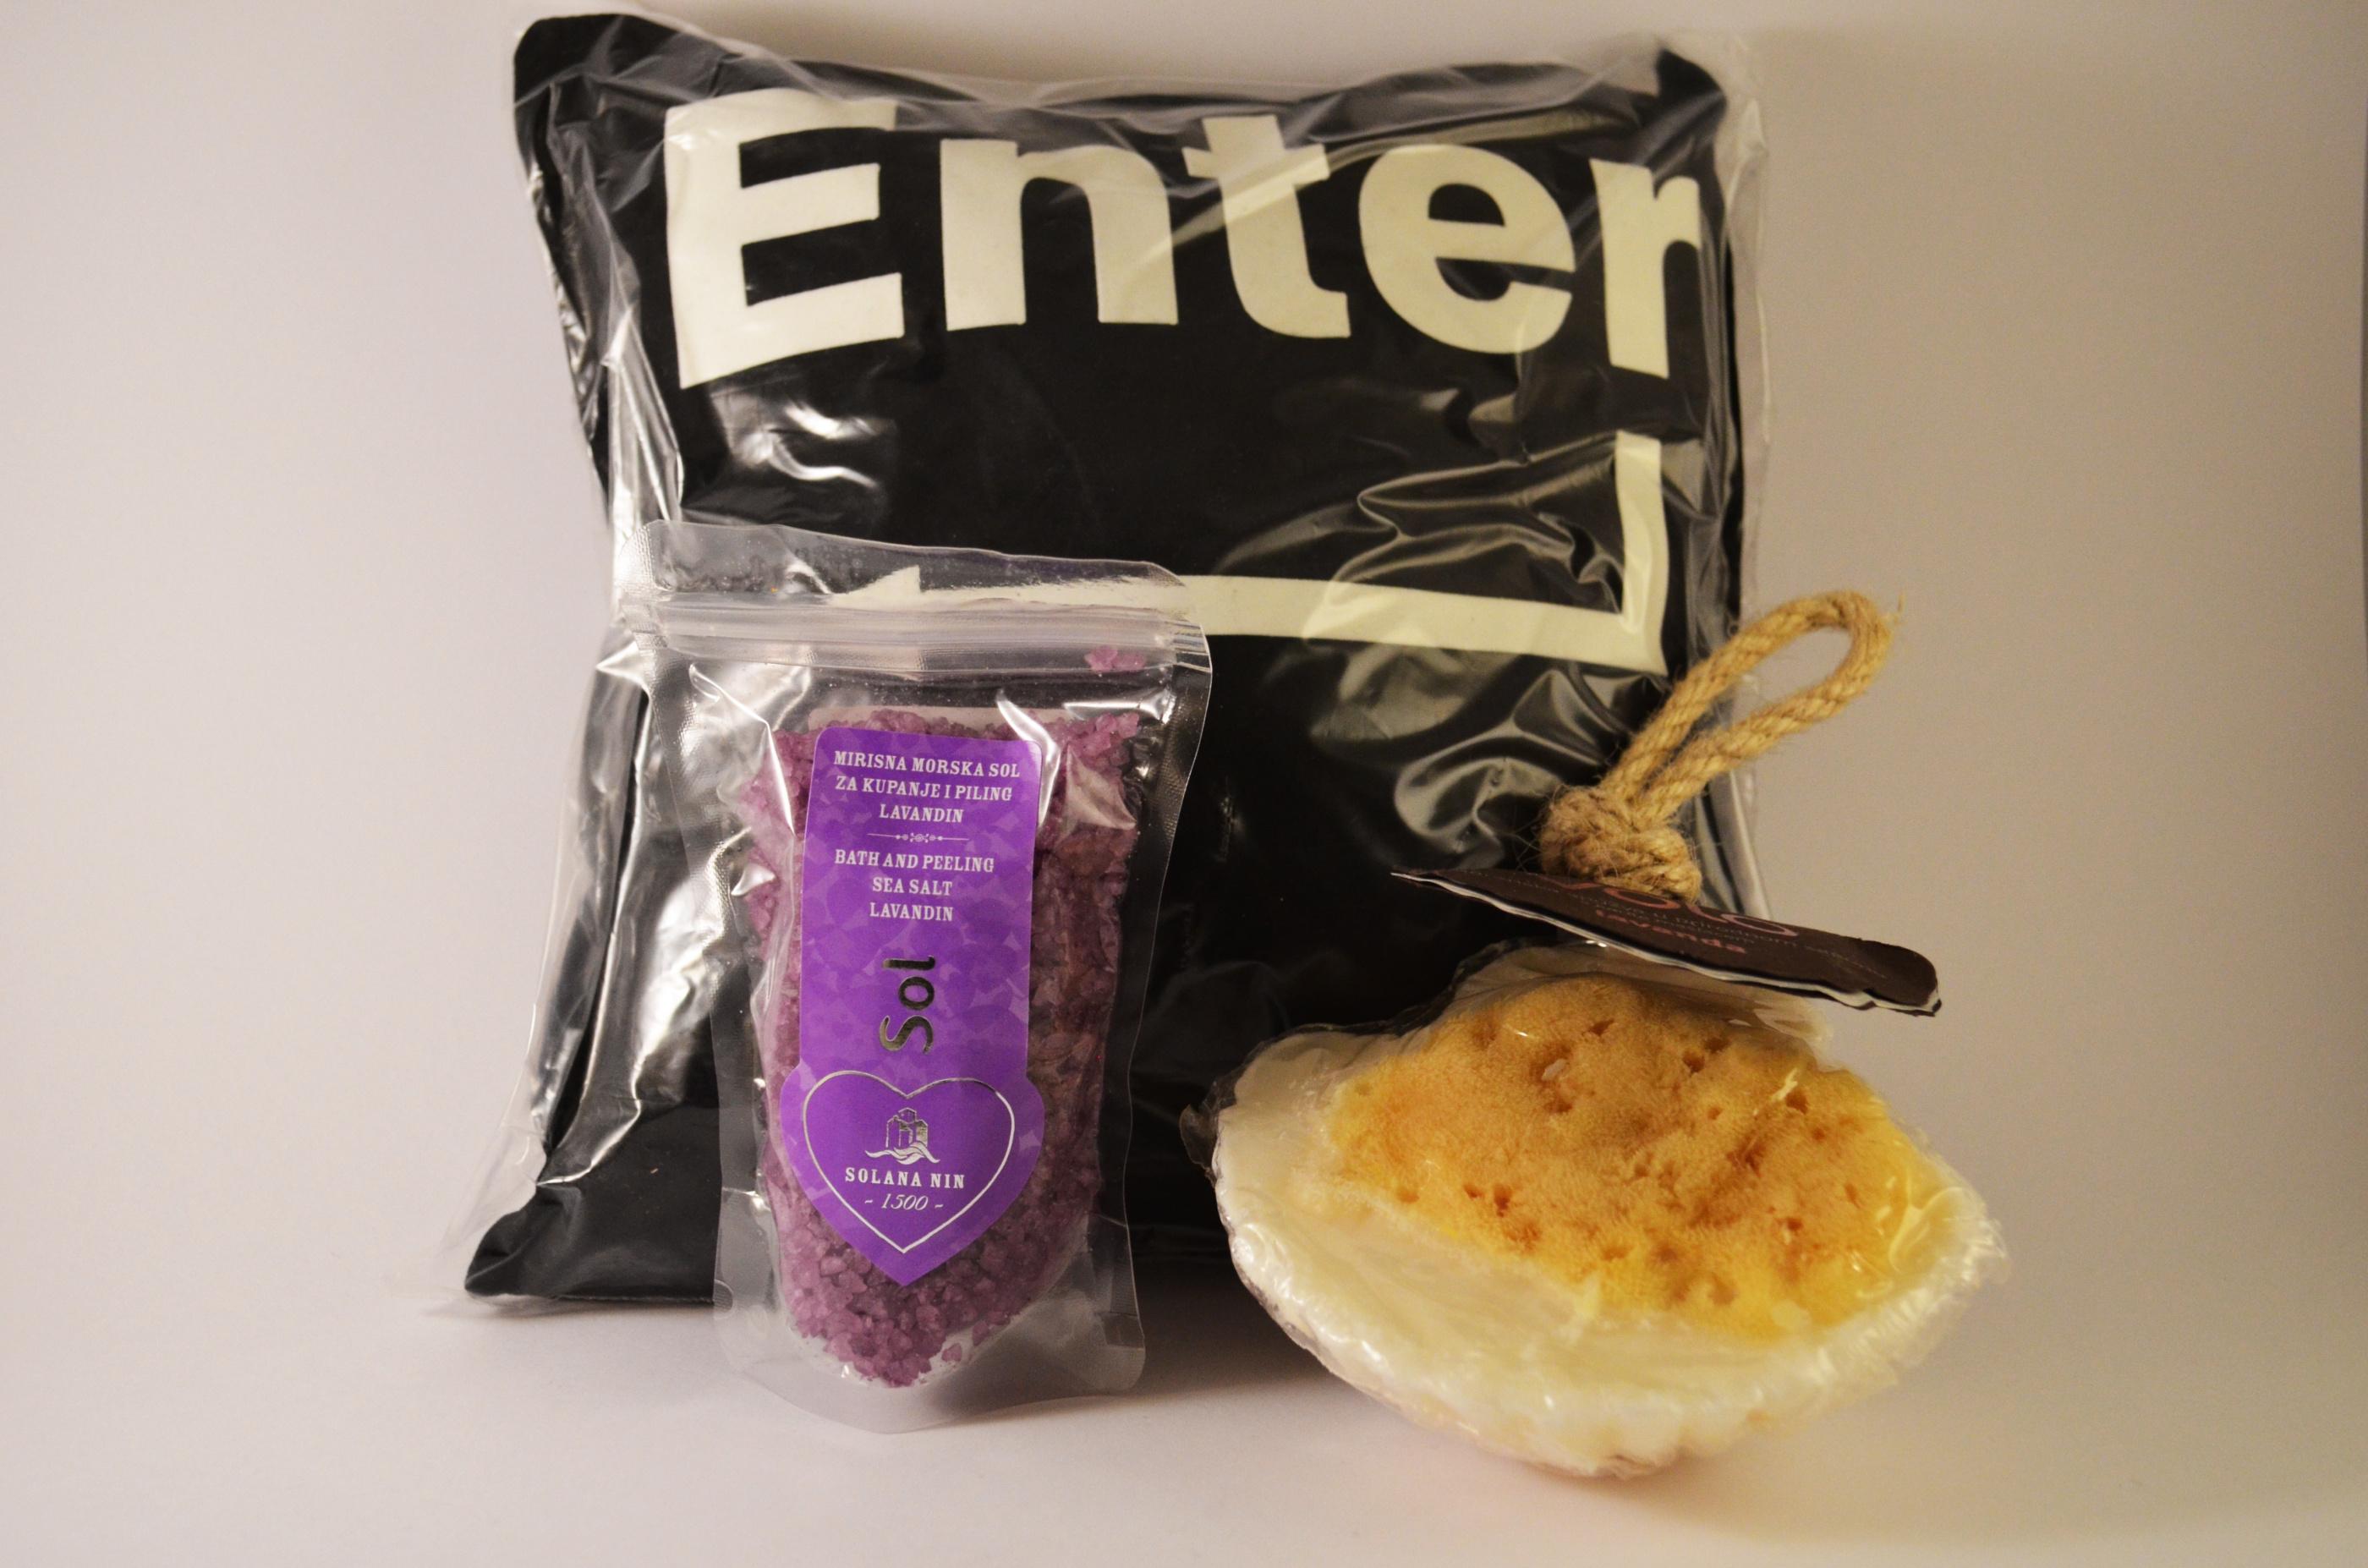 doftkudde lavendel ENTER SVART - badsalt lavendel - duschsvamp